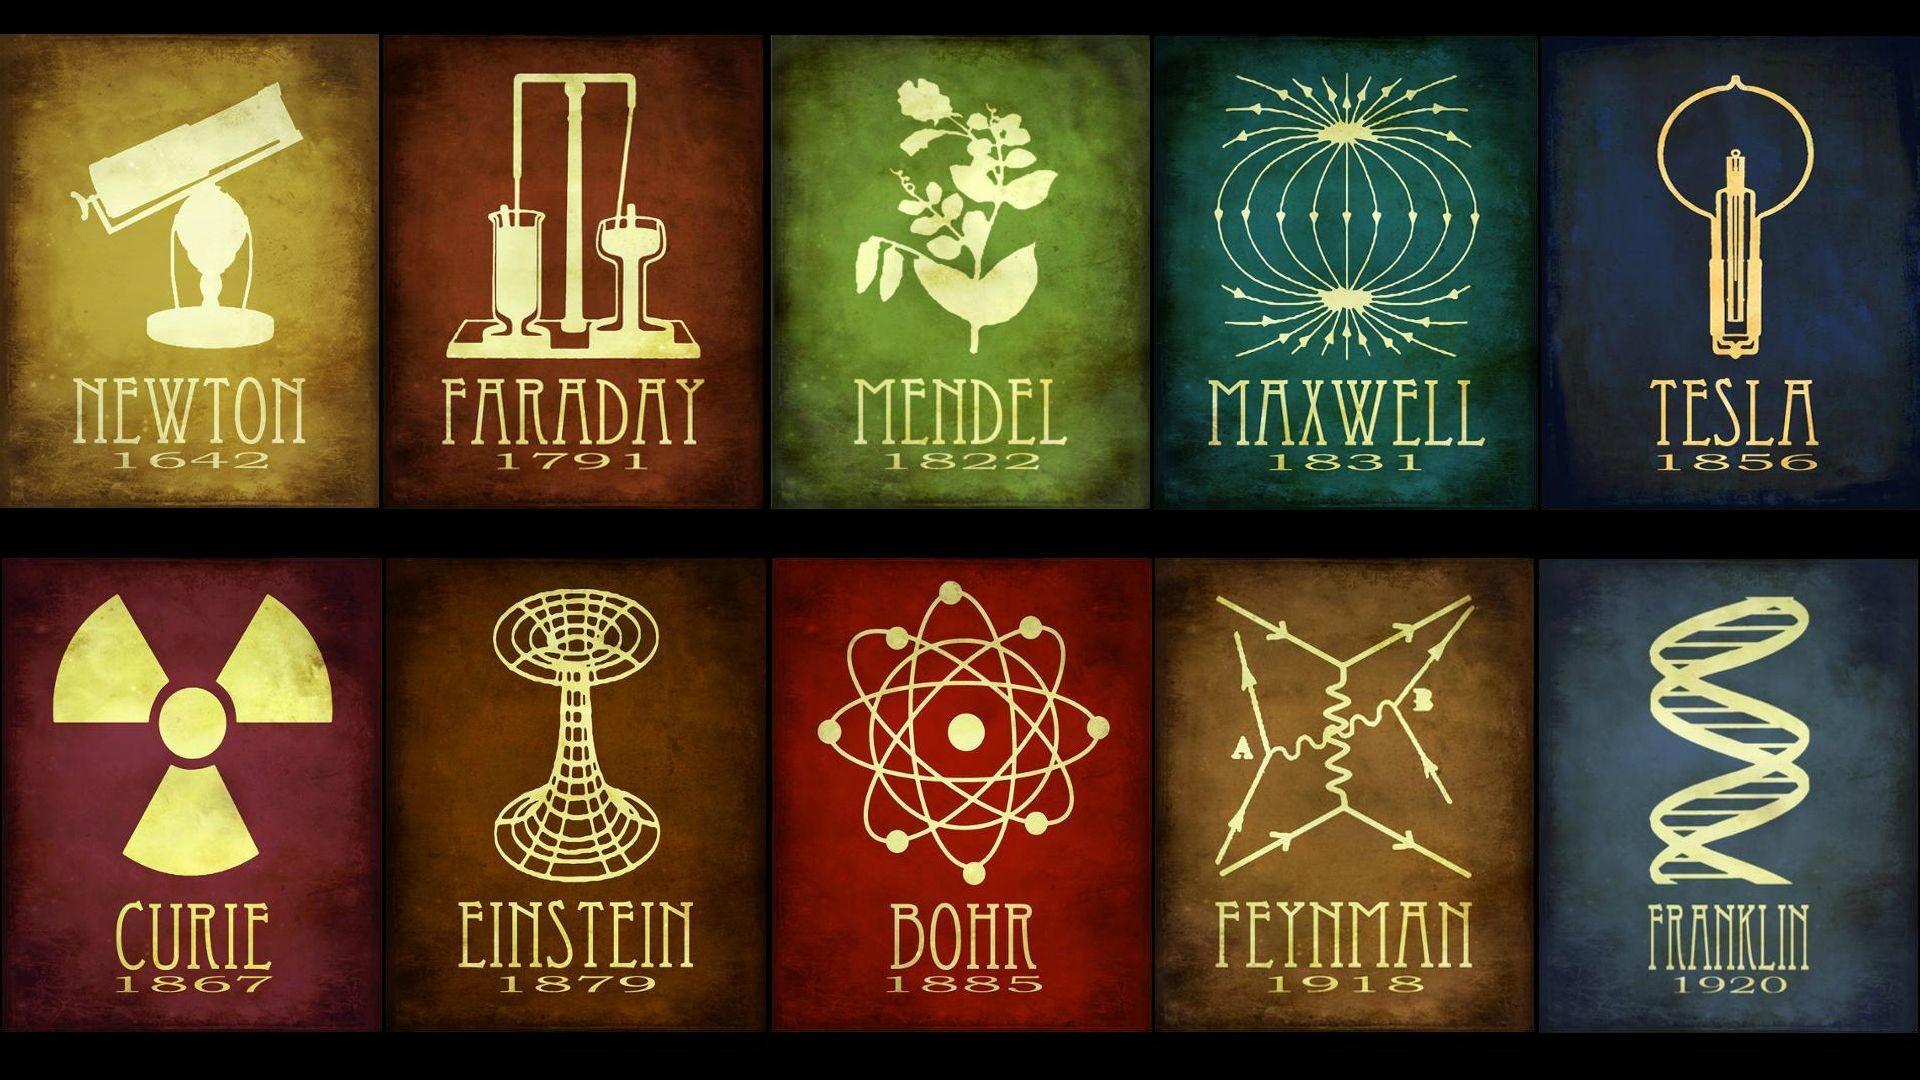 Cool science wallpaper : pics